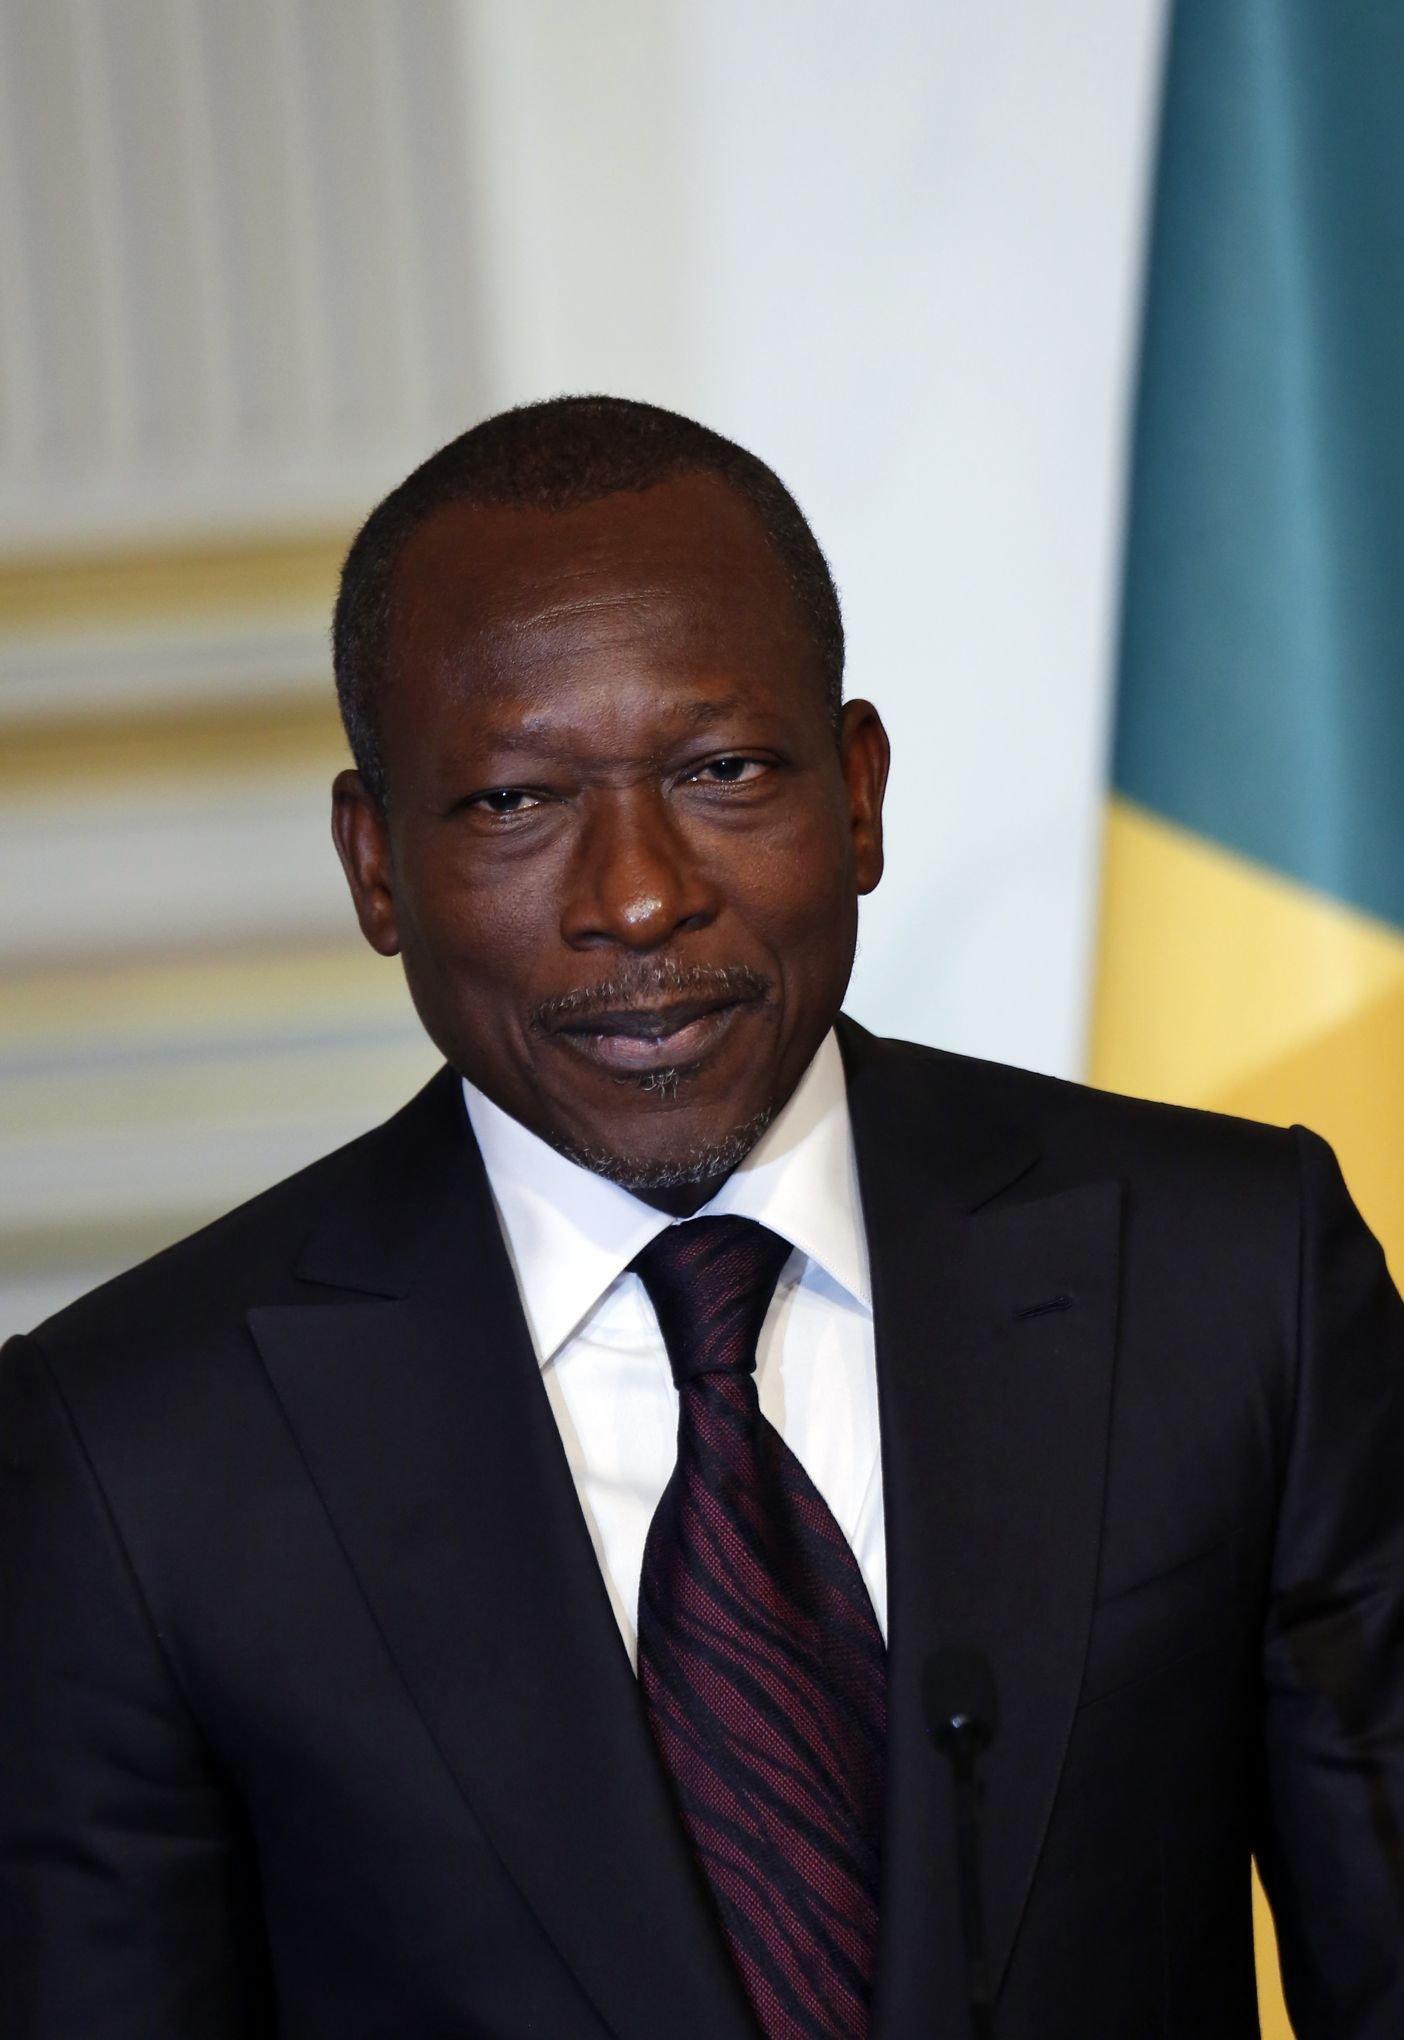 Réforme du F CFA par rapport à l'Euro : Le coup de talon du président béninois